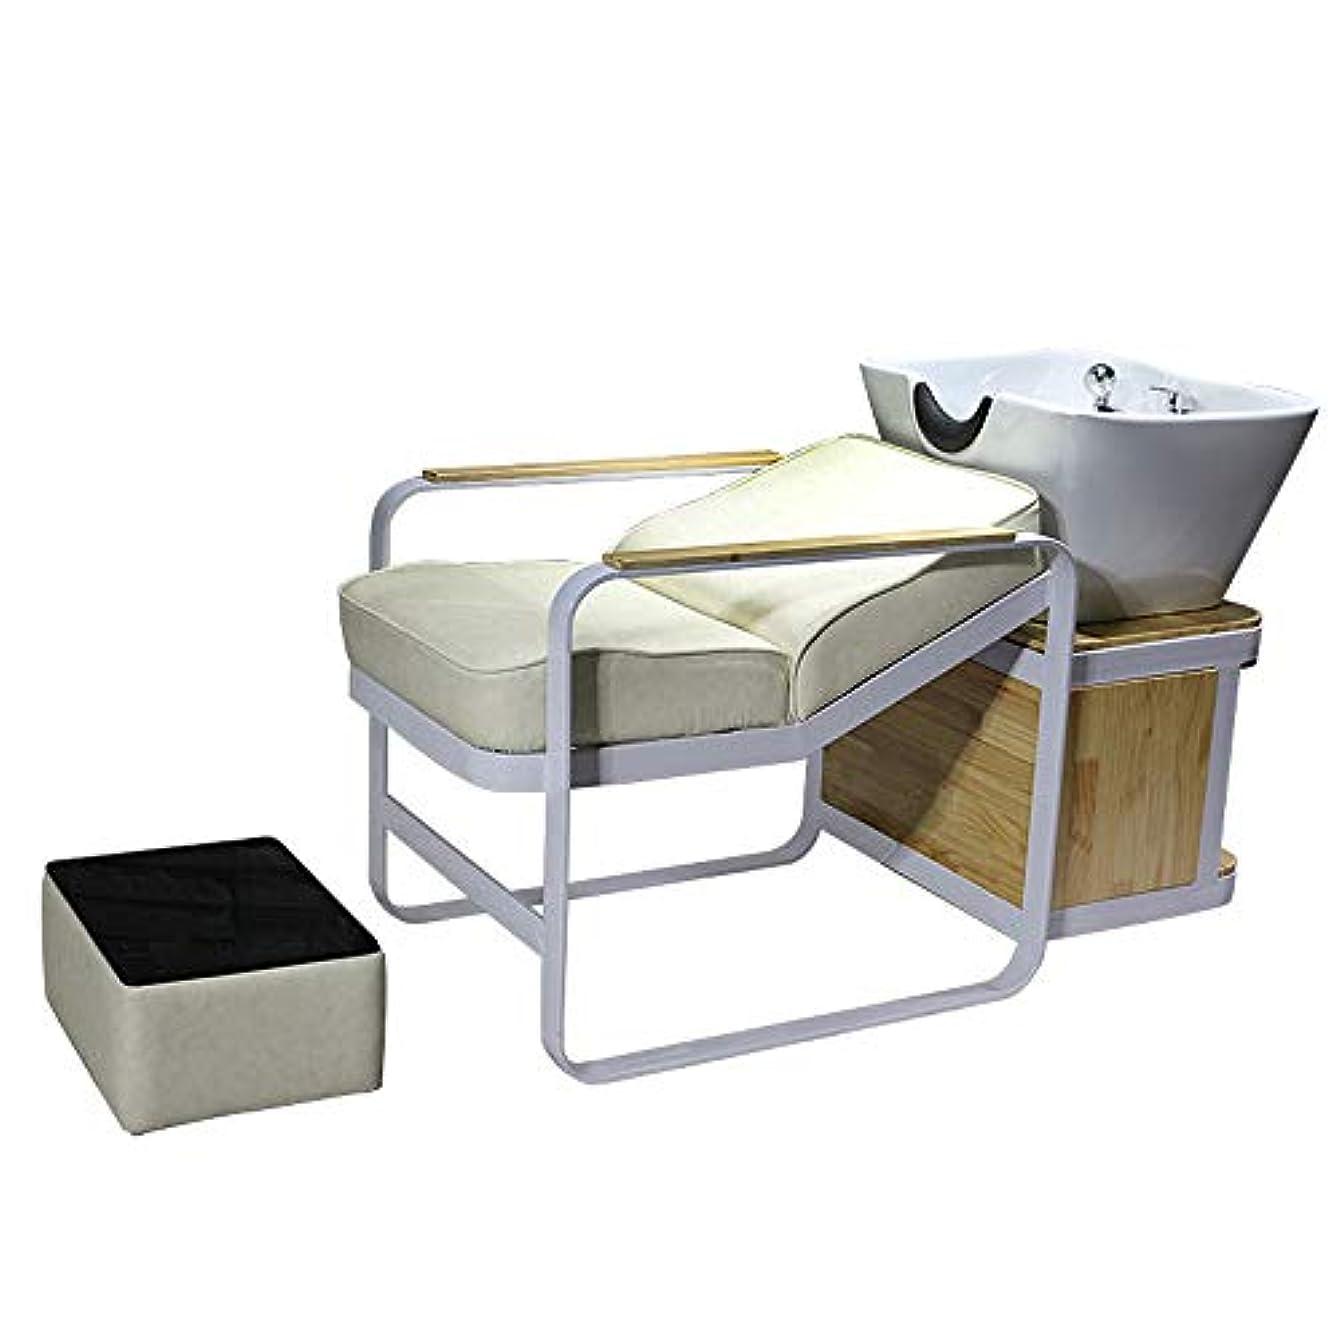 トンネル確認間違っているシャンプーチェア、逆洗ユニットシャンプーボウル理髪シンクシンクチェア用スパ美容院機器用半埋め込みフラッシュベッド